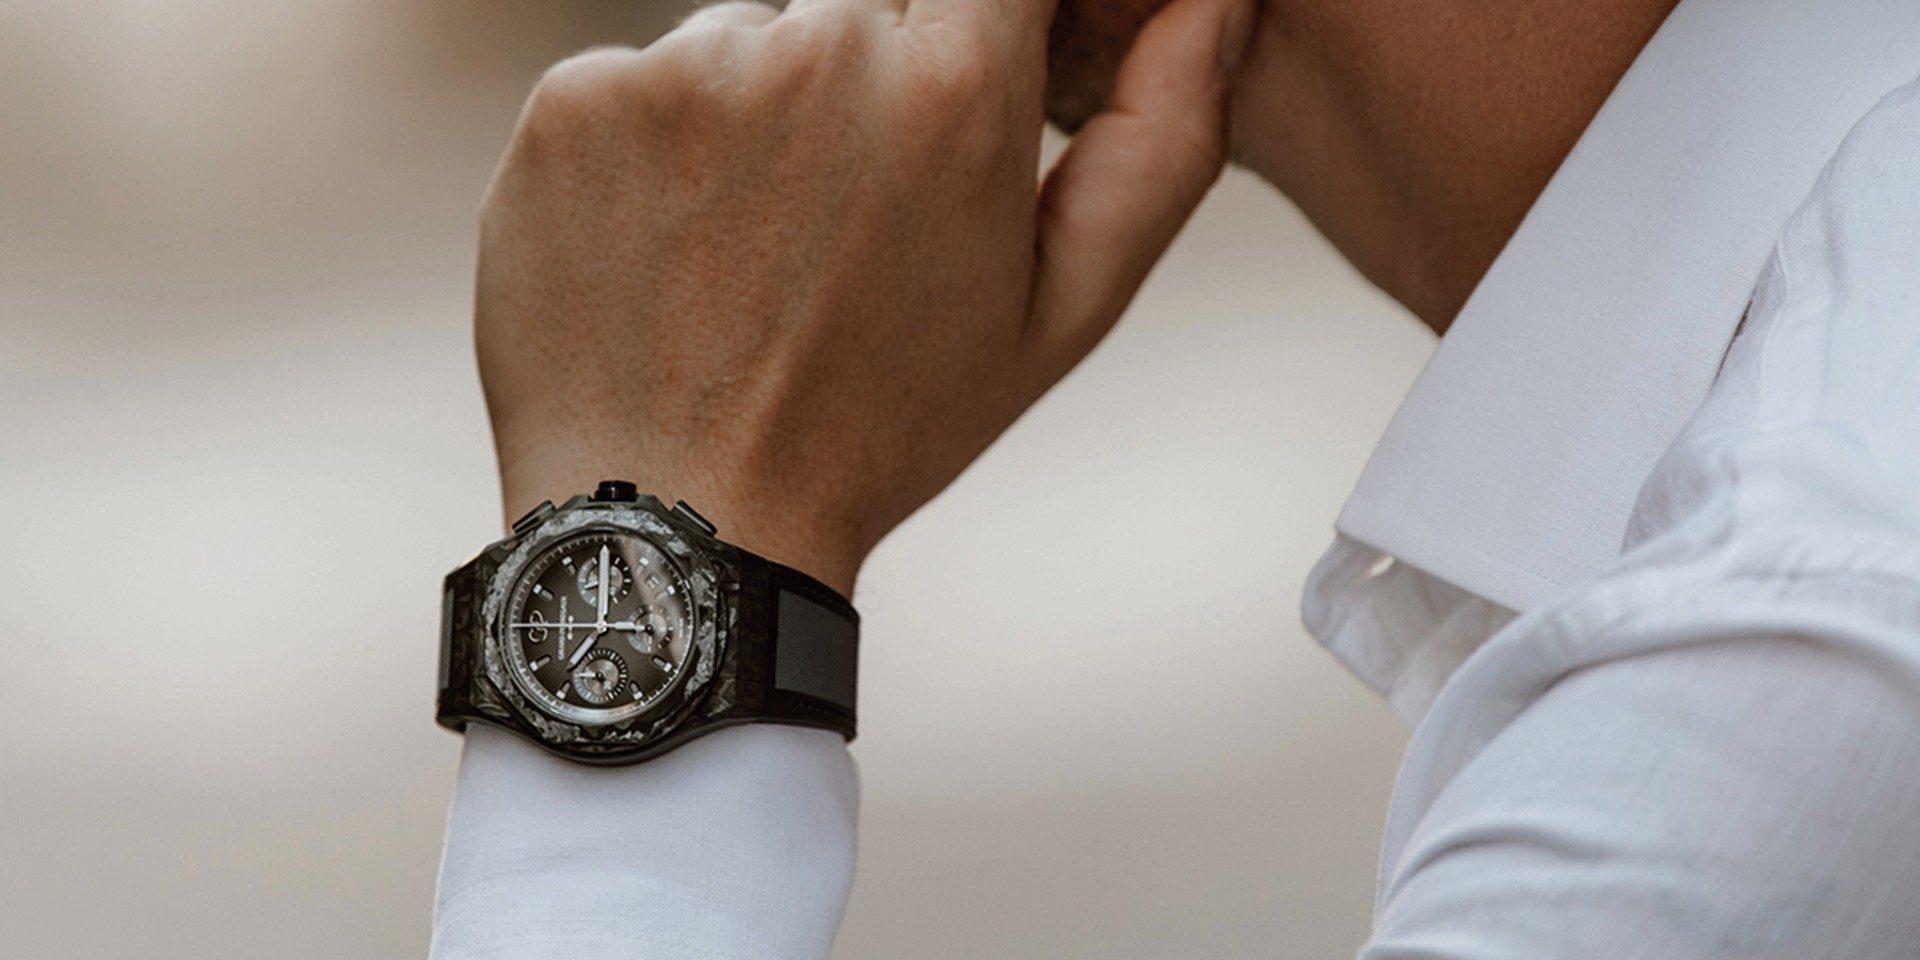 致敬桂冠傳奇,Carbon Glass擁抱未來:芝柏 Laureato Absolute Crystal Rock腕錶